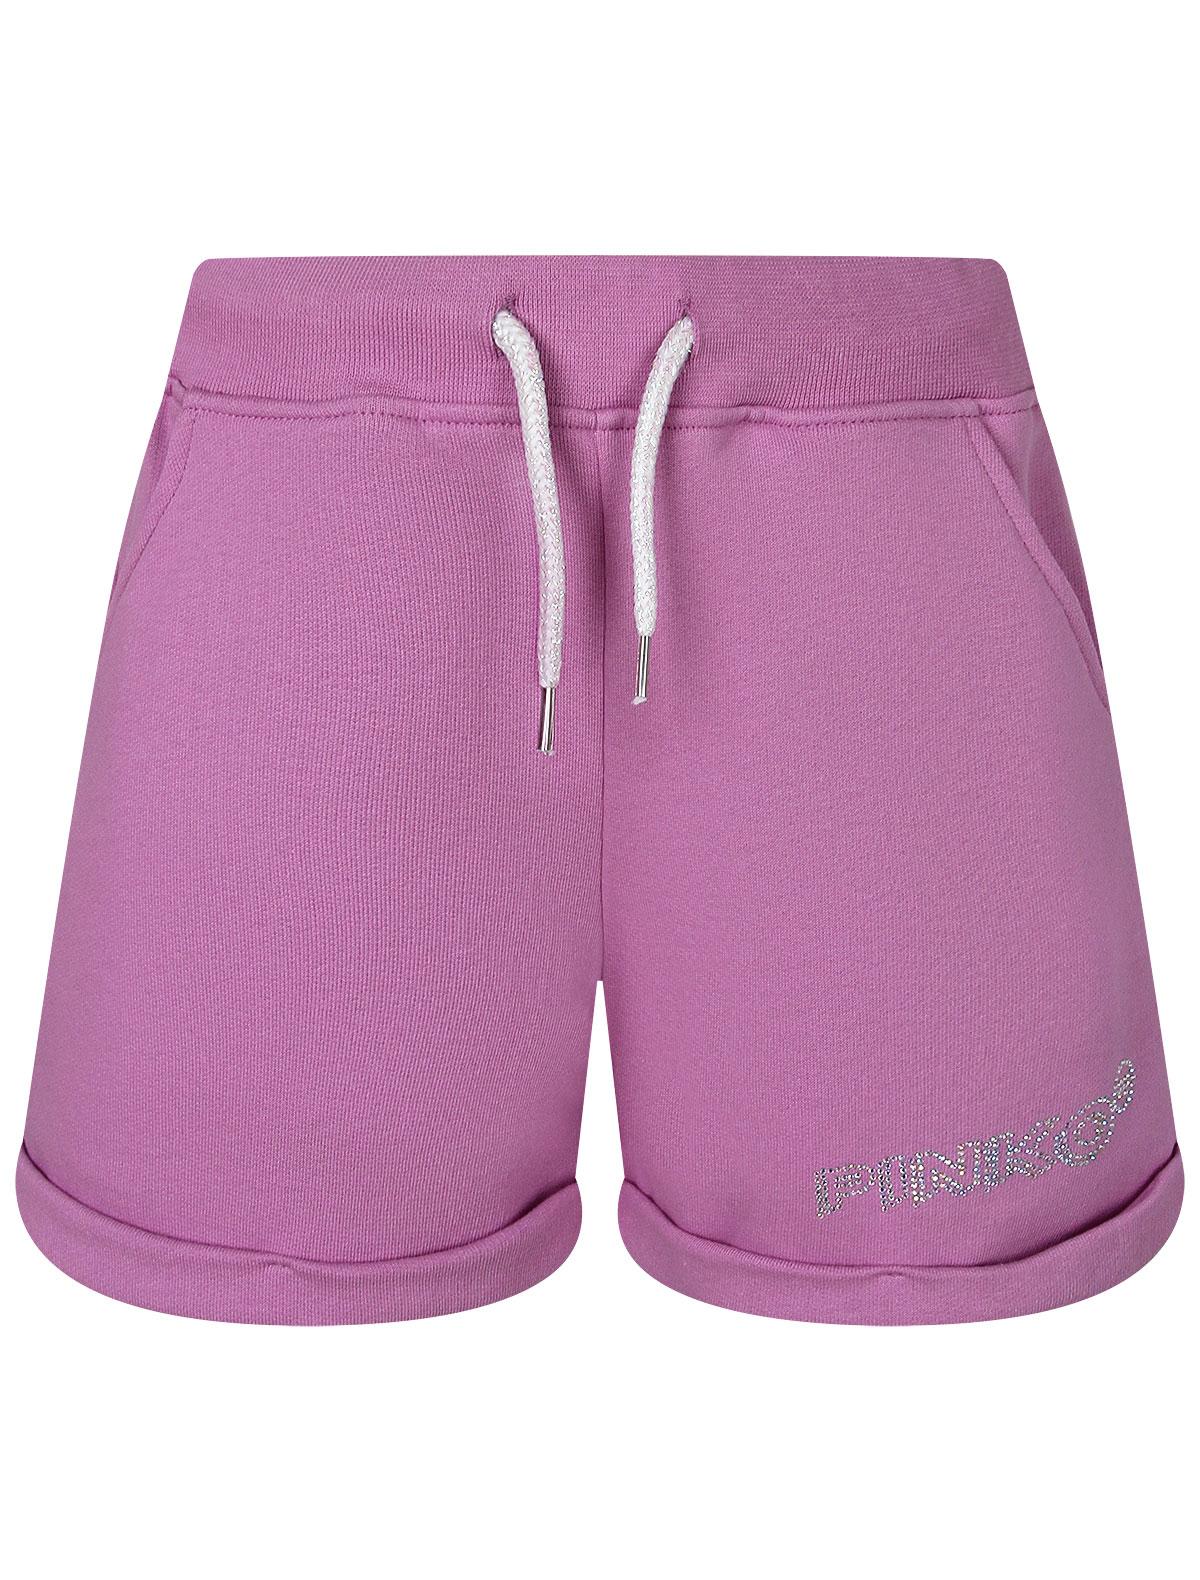 Купить 2303753, Шорты Pinko Up, разноцветный, Женский, 1414509174978